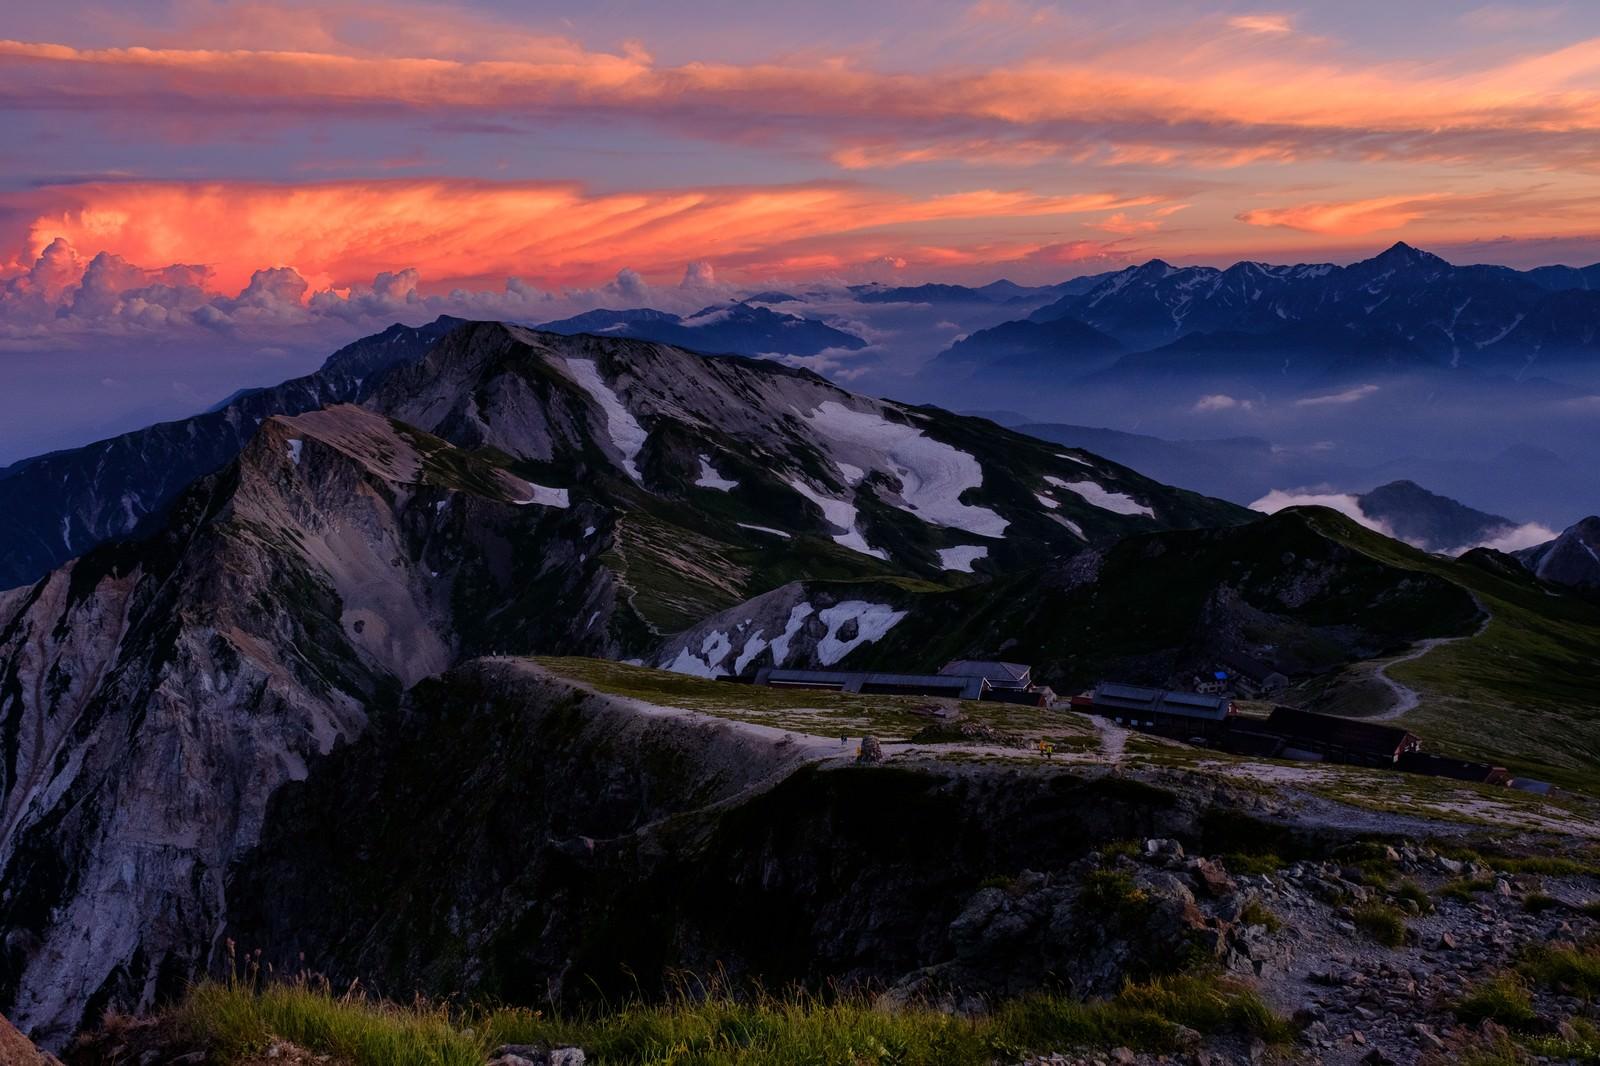 「紅く染まる白馬岳からのサンセット」の写真